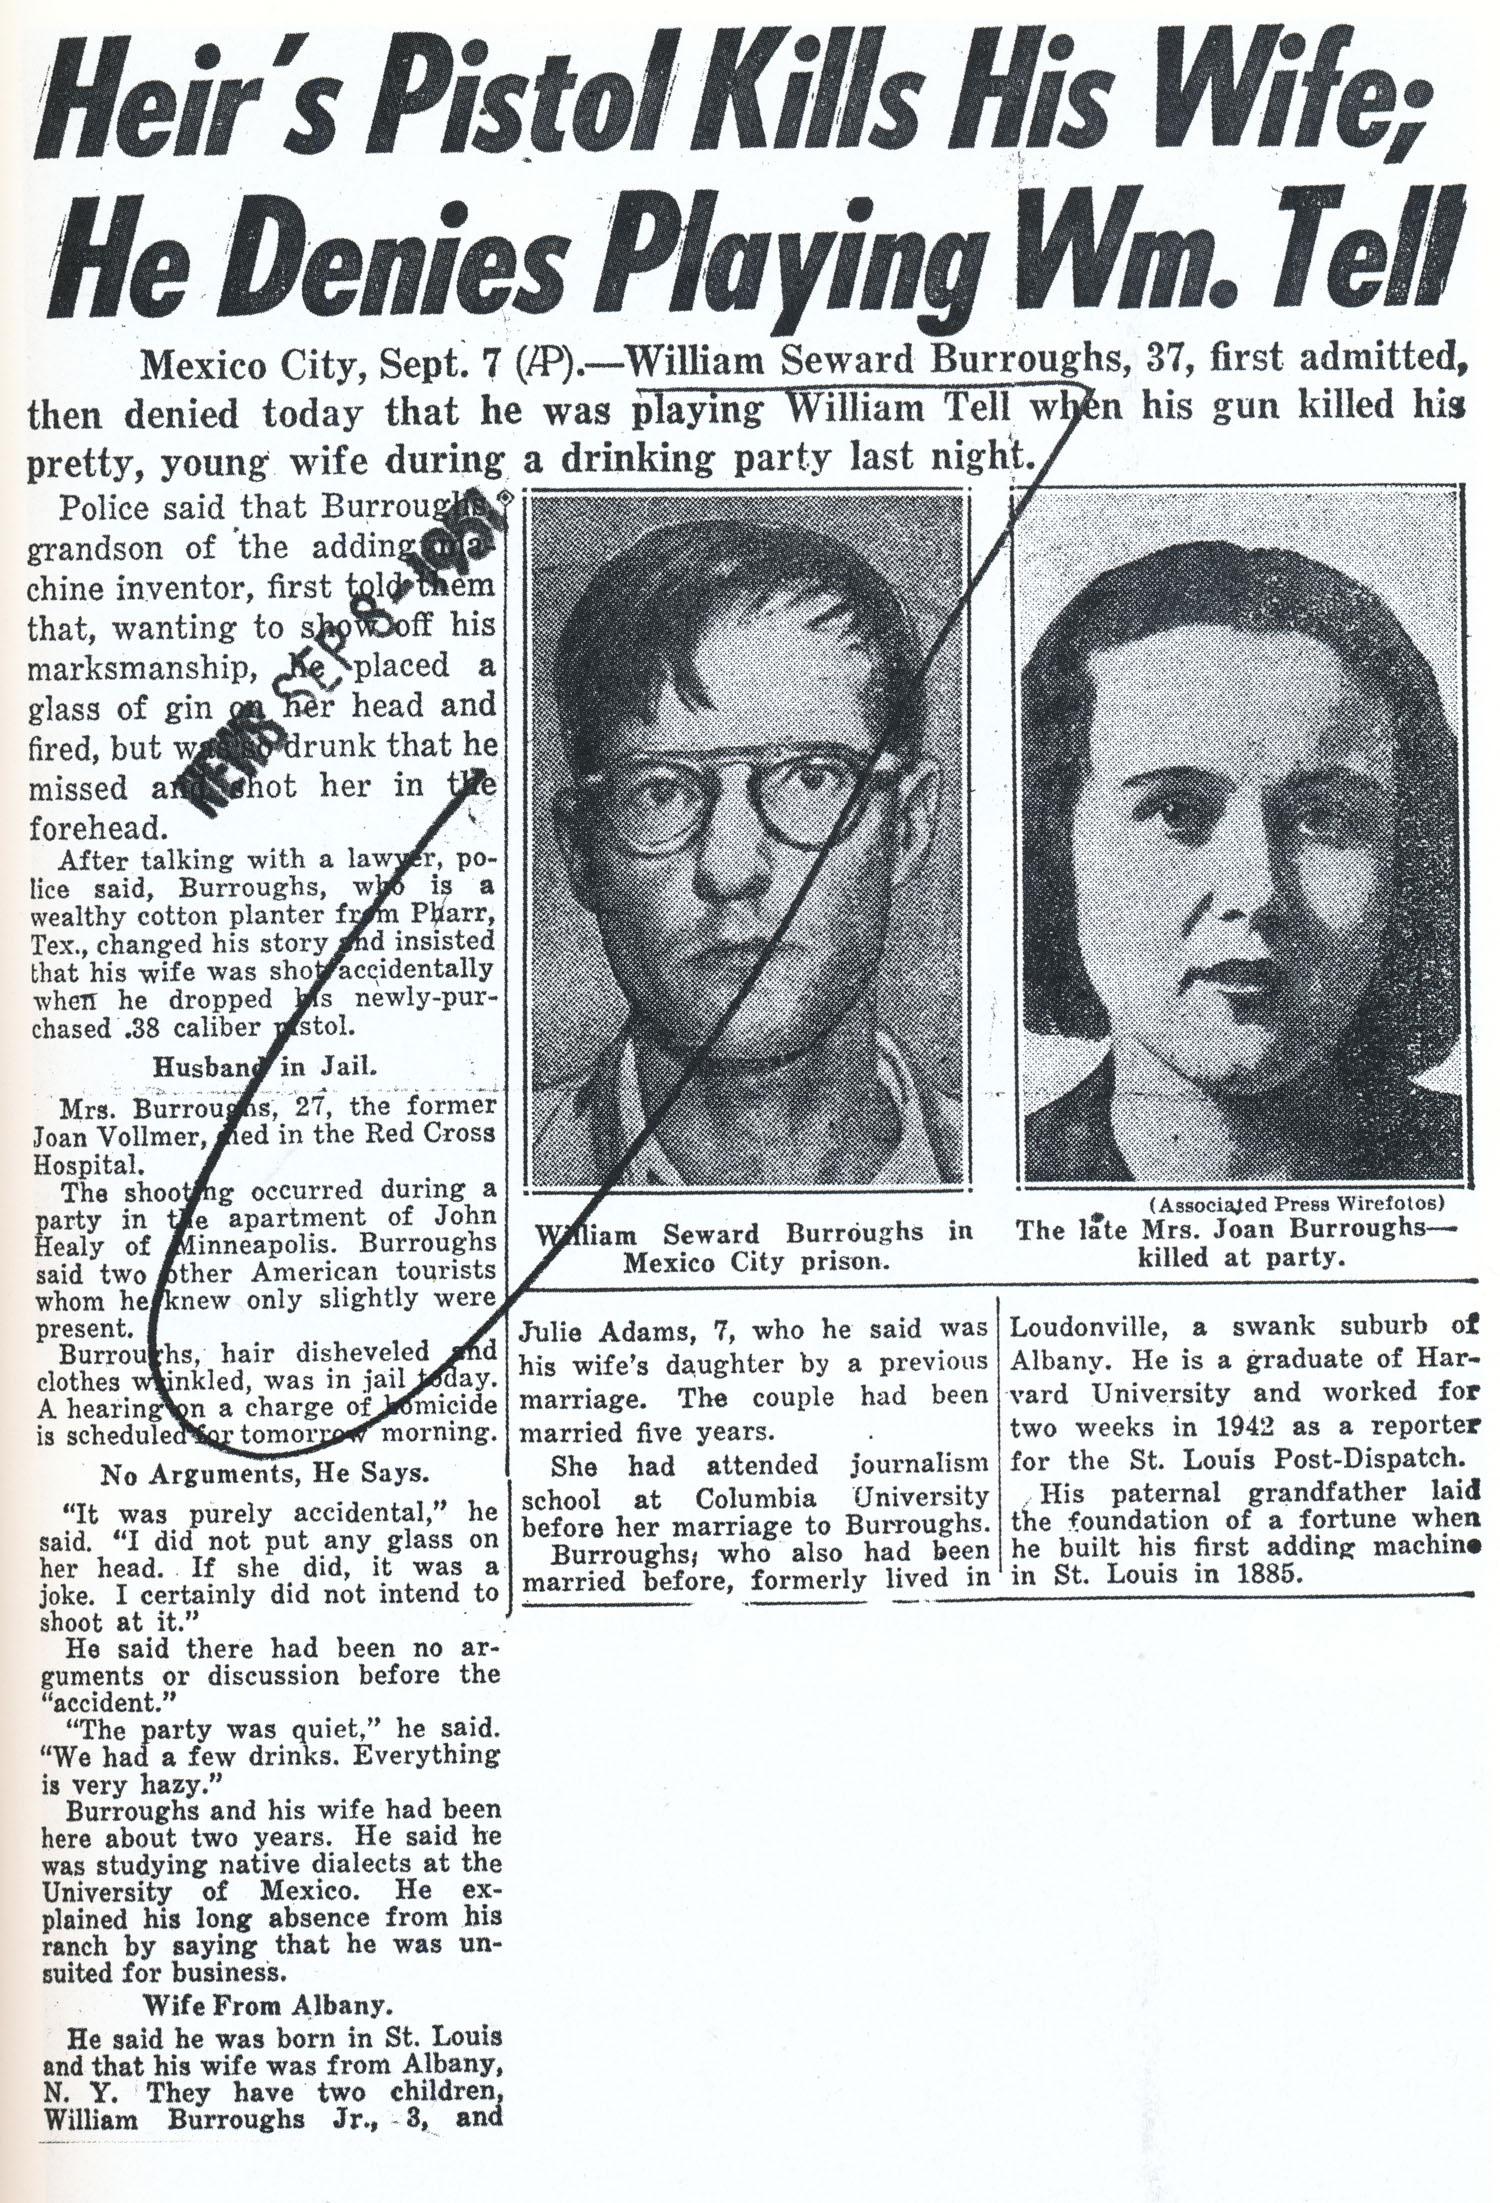 New York Daily News, 8 de septiembre de 1951